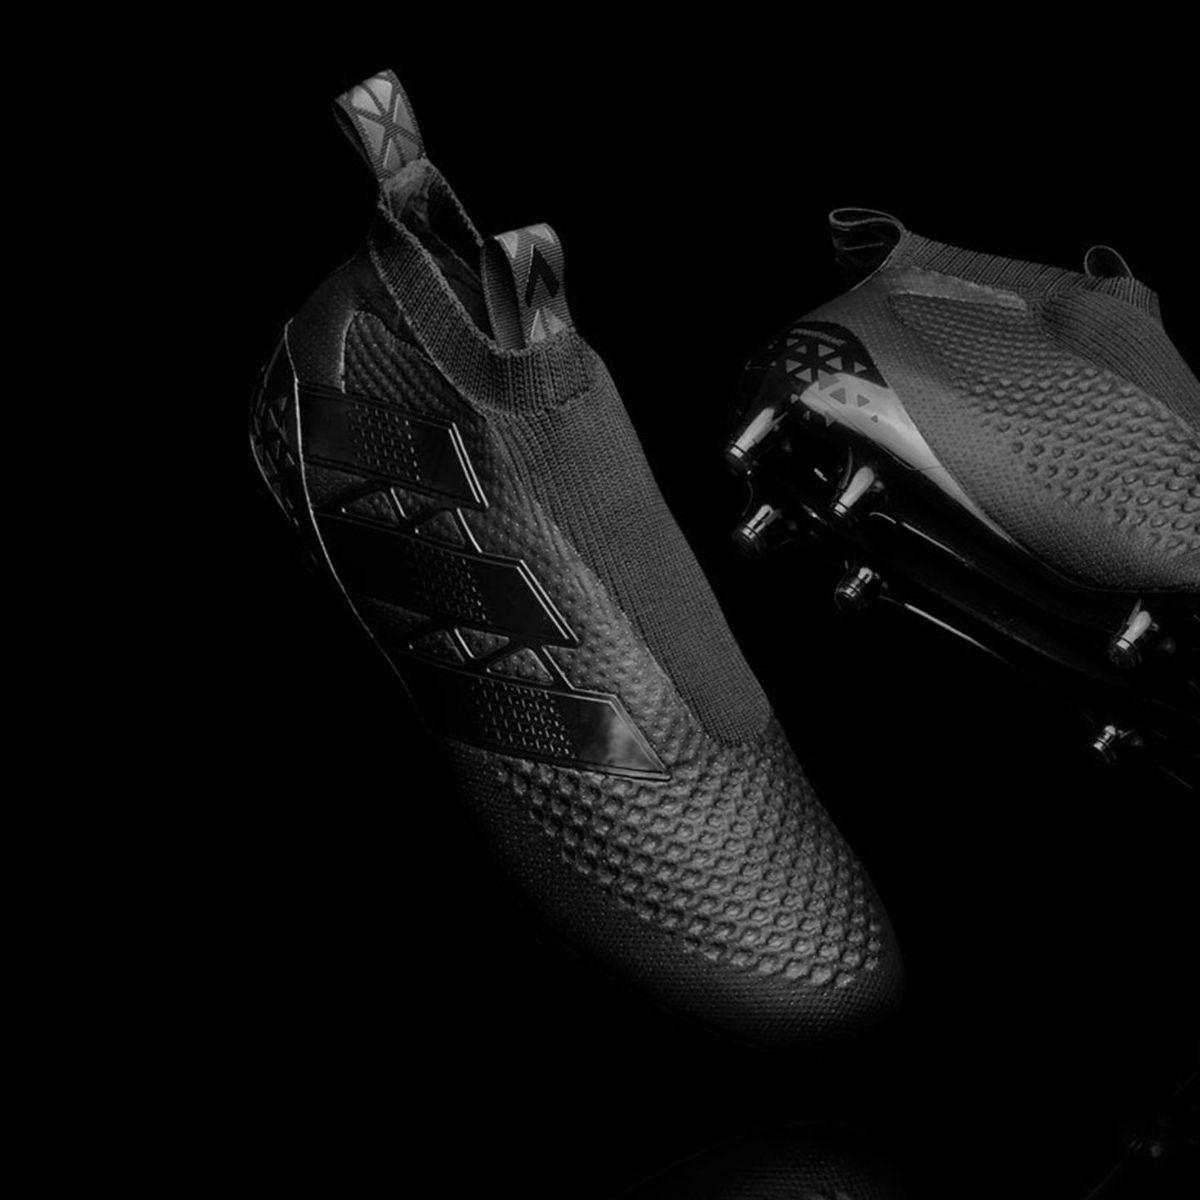 Adidas lance une chaussure de foot sans lacets ! - Eurosport